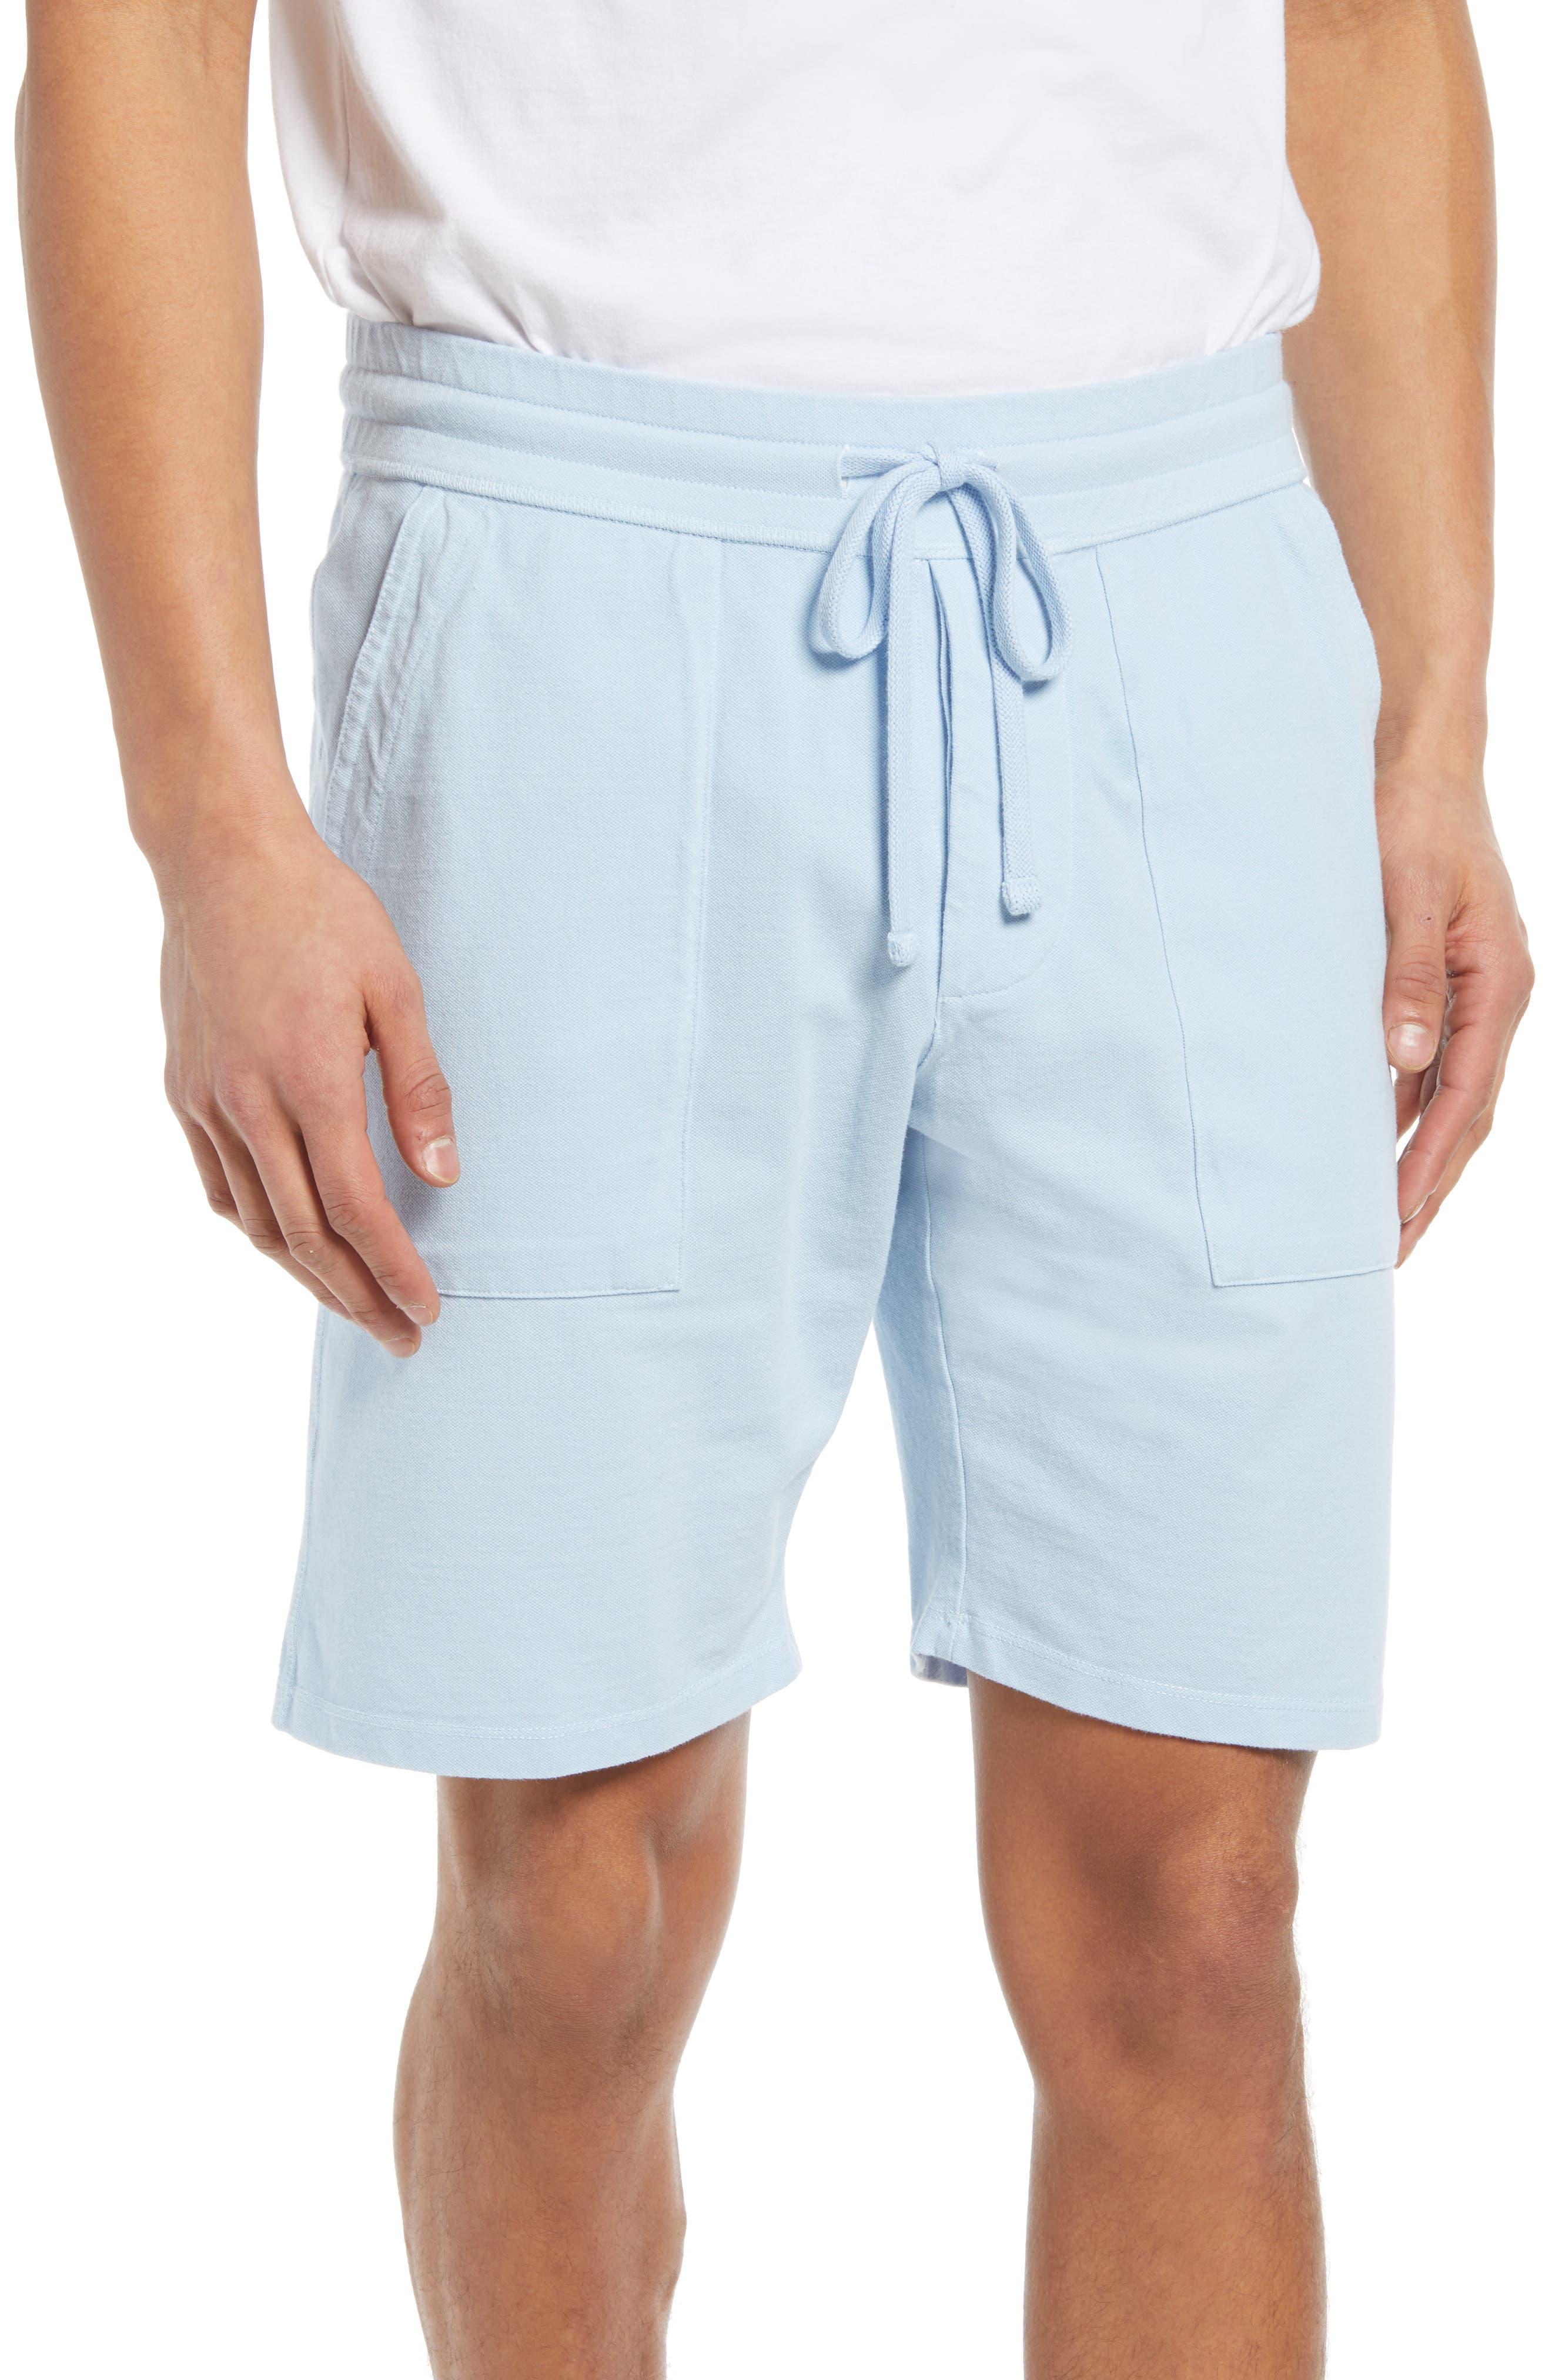 Stretch Pique Cotton Shorts